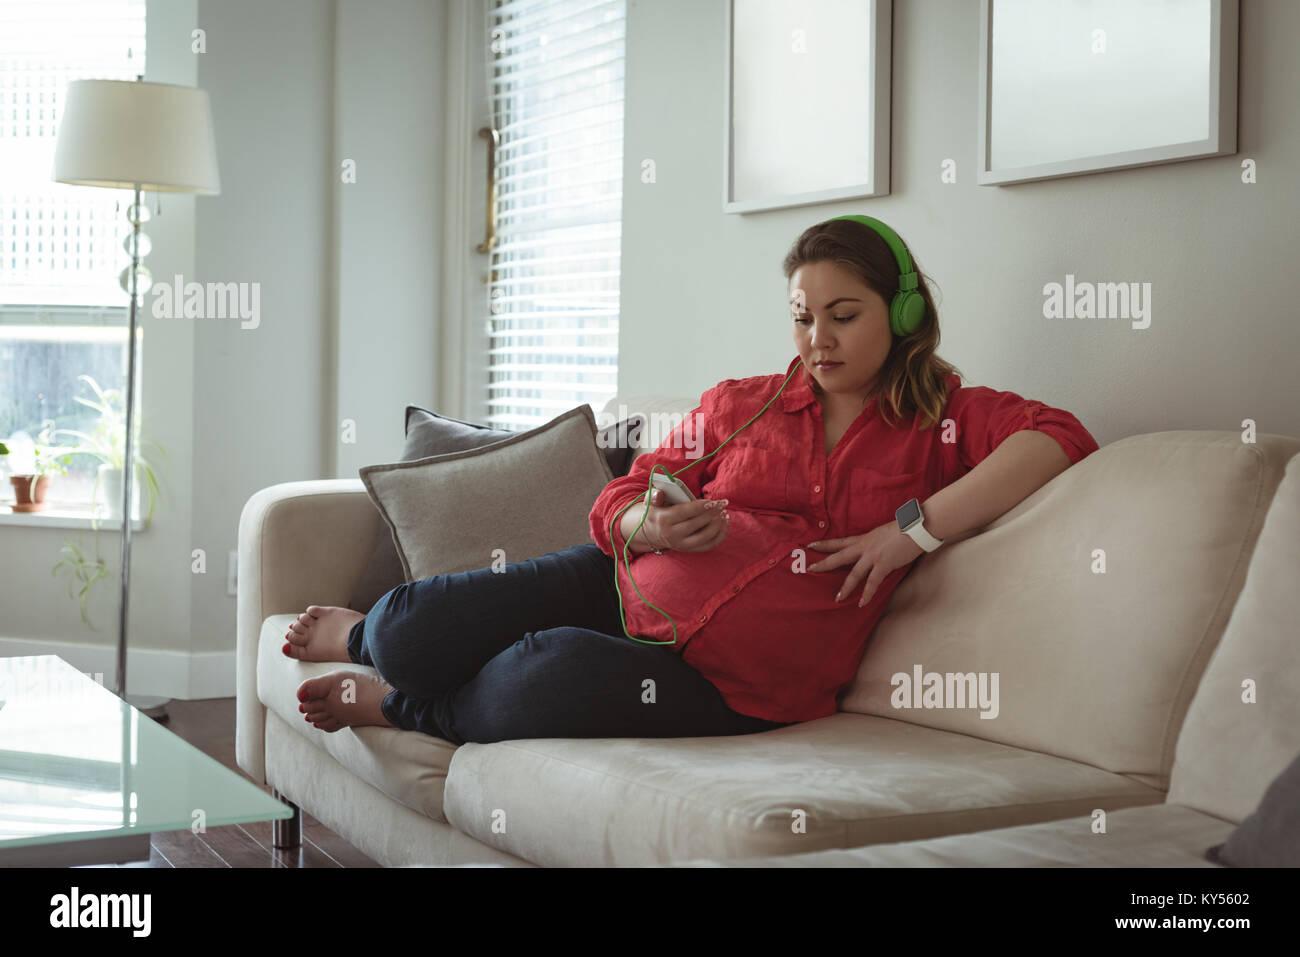 Giovane donna incinta seduta sul divano elenco musica sul suo telefono cellulare Immagini Stock